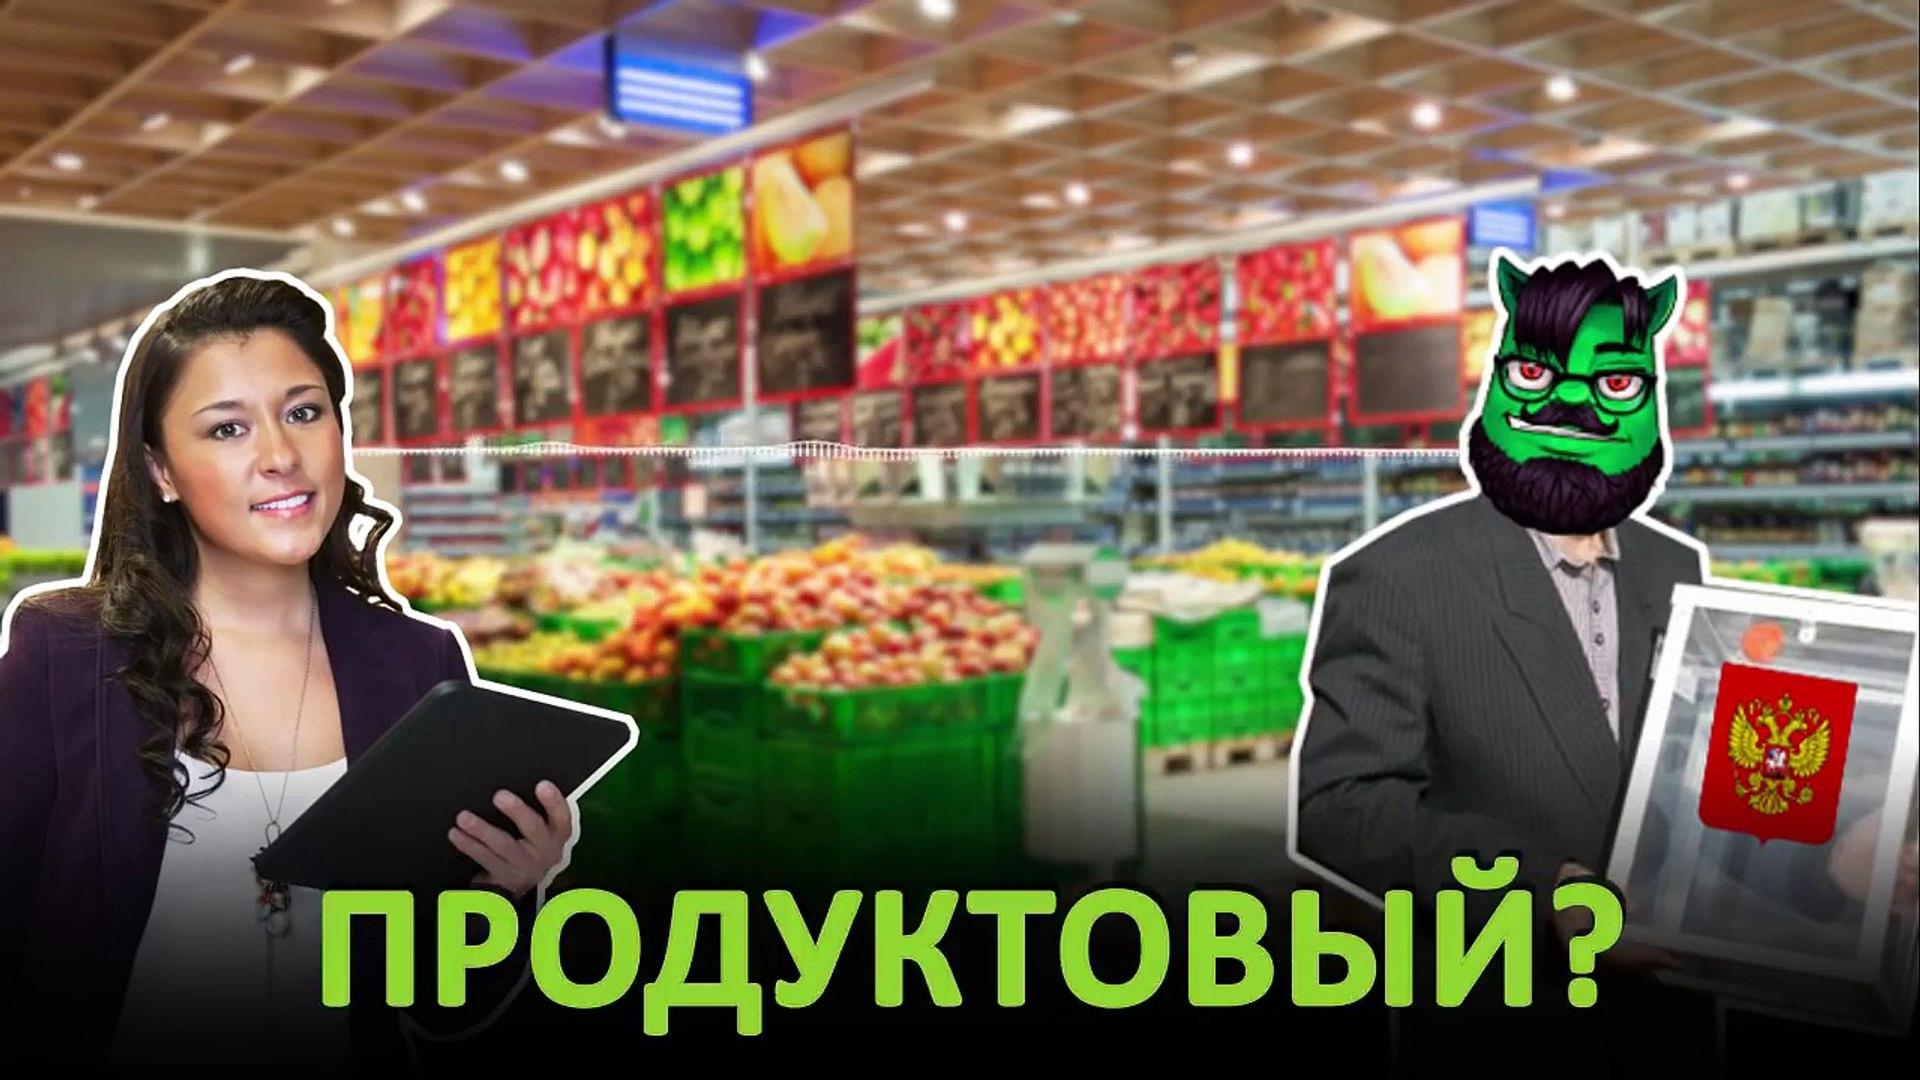 Овощи голосуют за Собянина